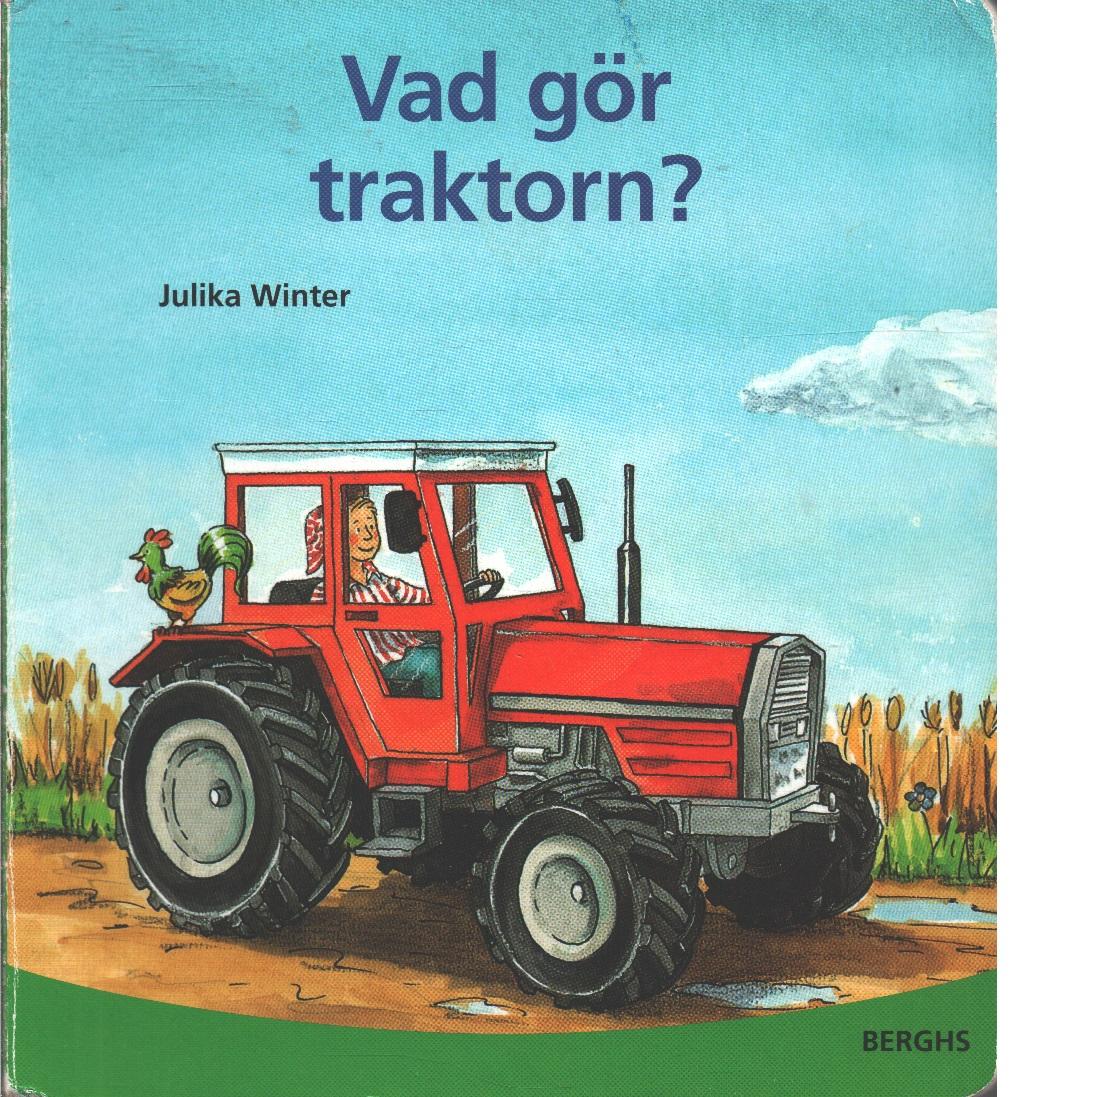 Vad gör traktorn? - Winter, Julika